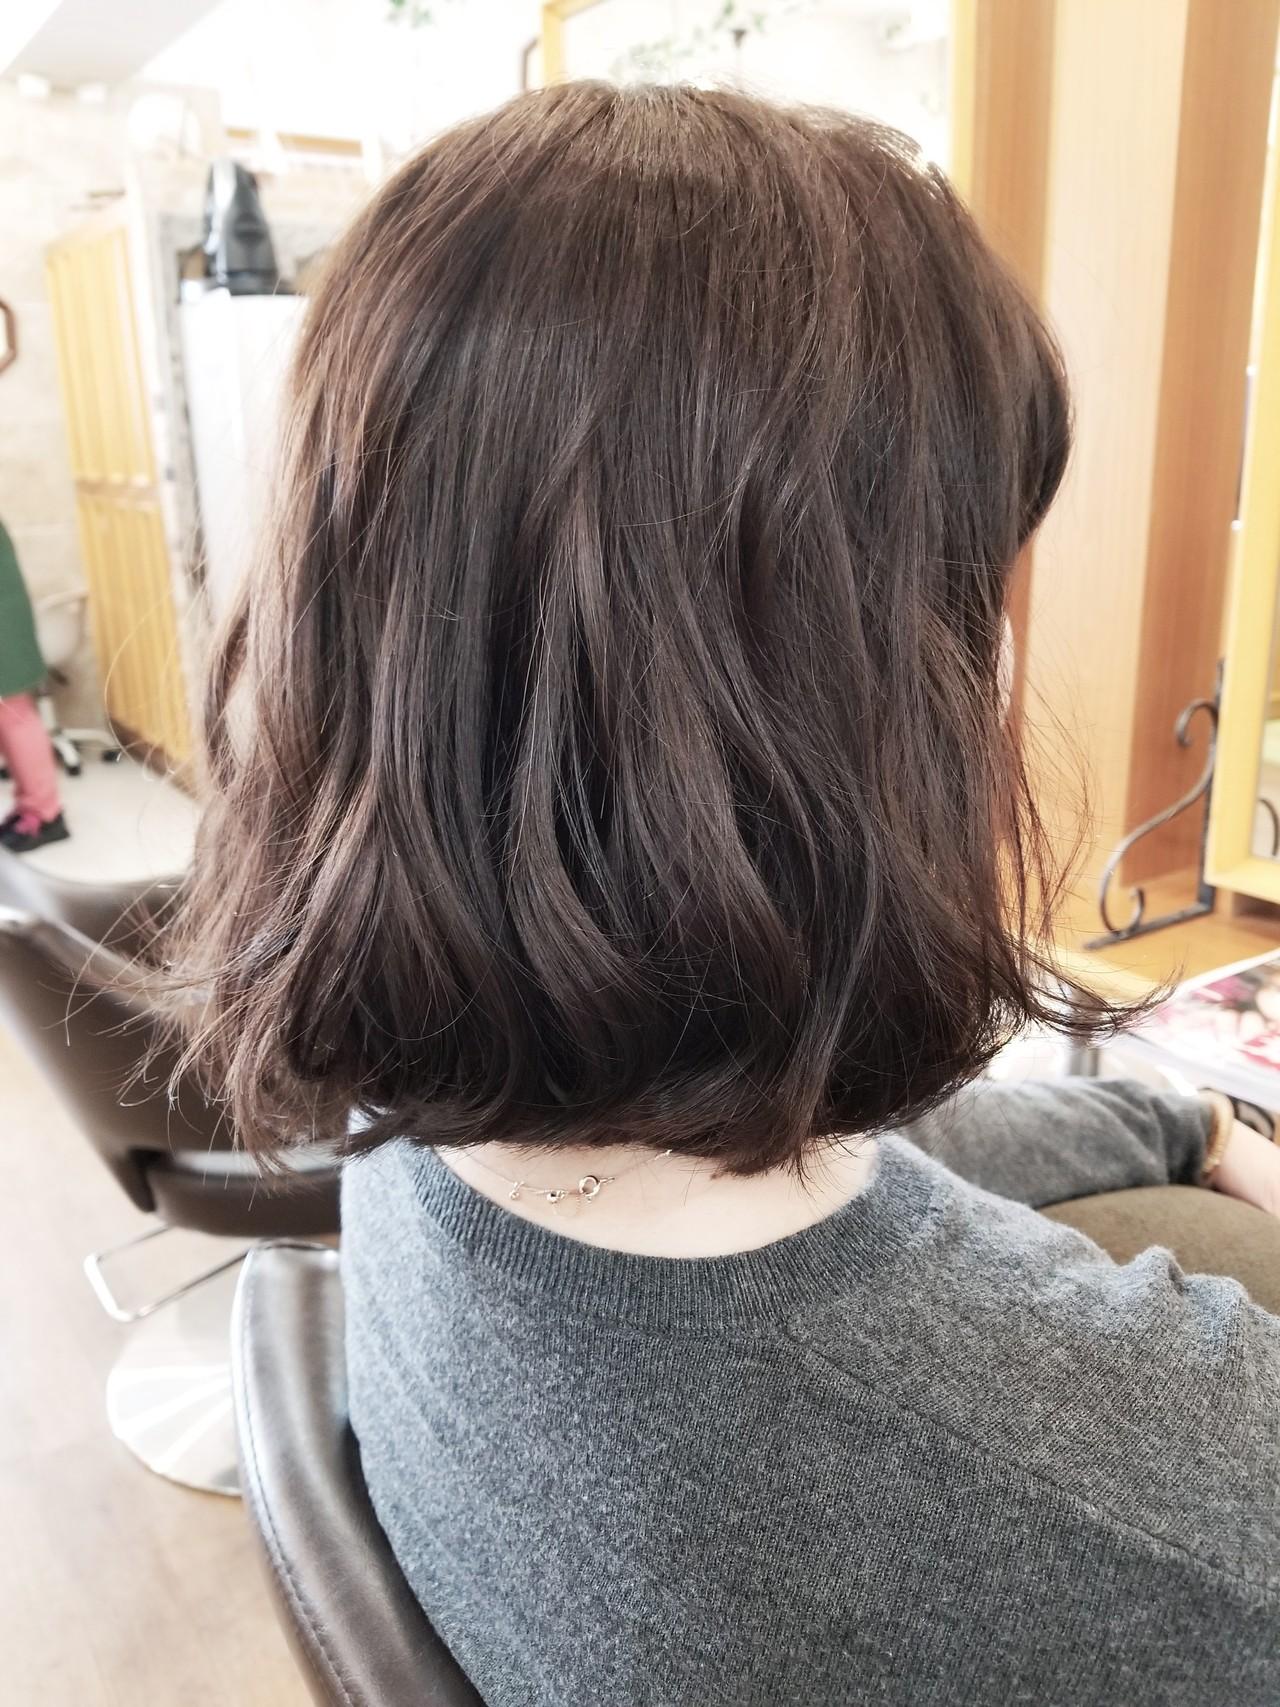 グレージュ ゆるふわ オフィス ナチュラル ヘアスタイルや髪型の写真・画像 | 茂垣 貴裕 / shiro(新宿)/LOOOKS(中央林間)